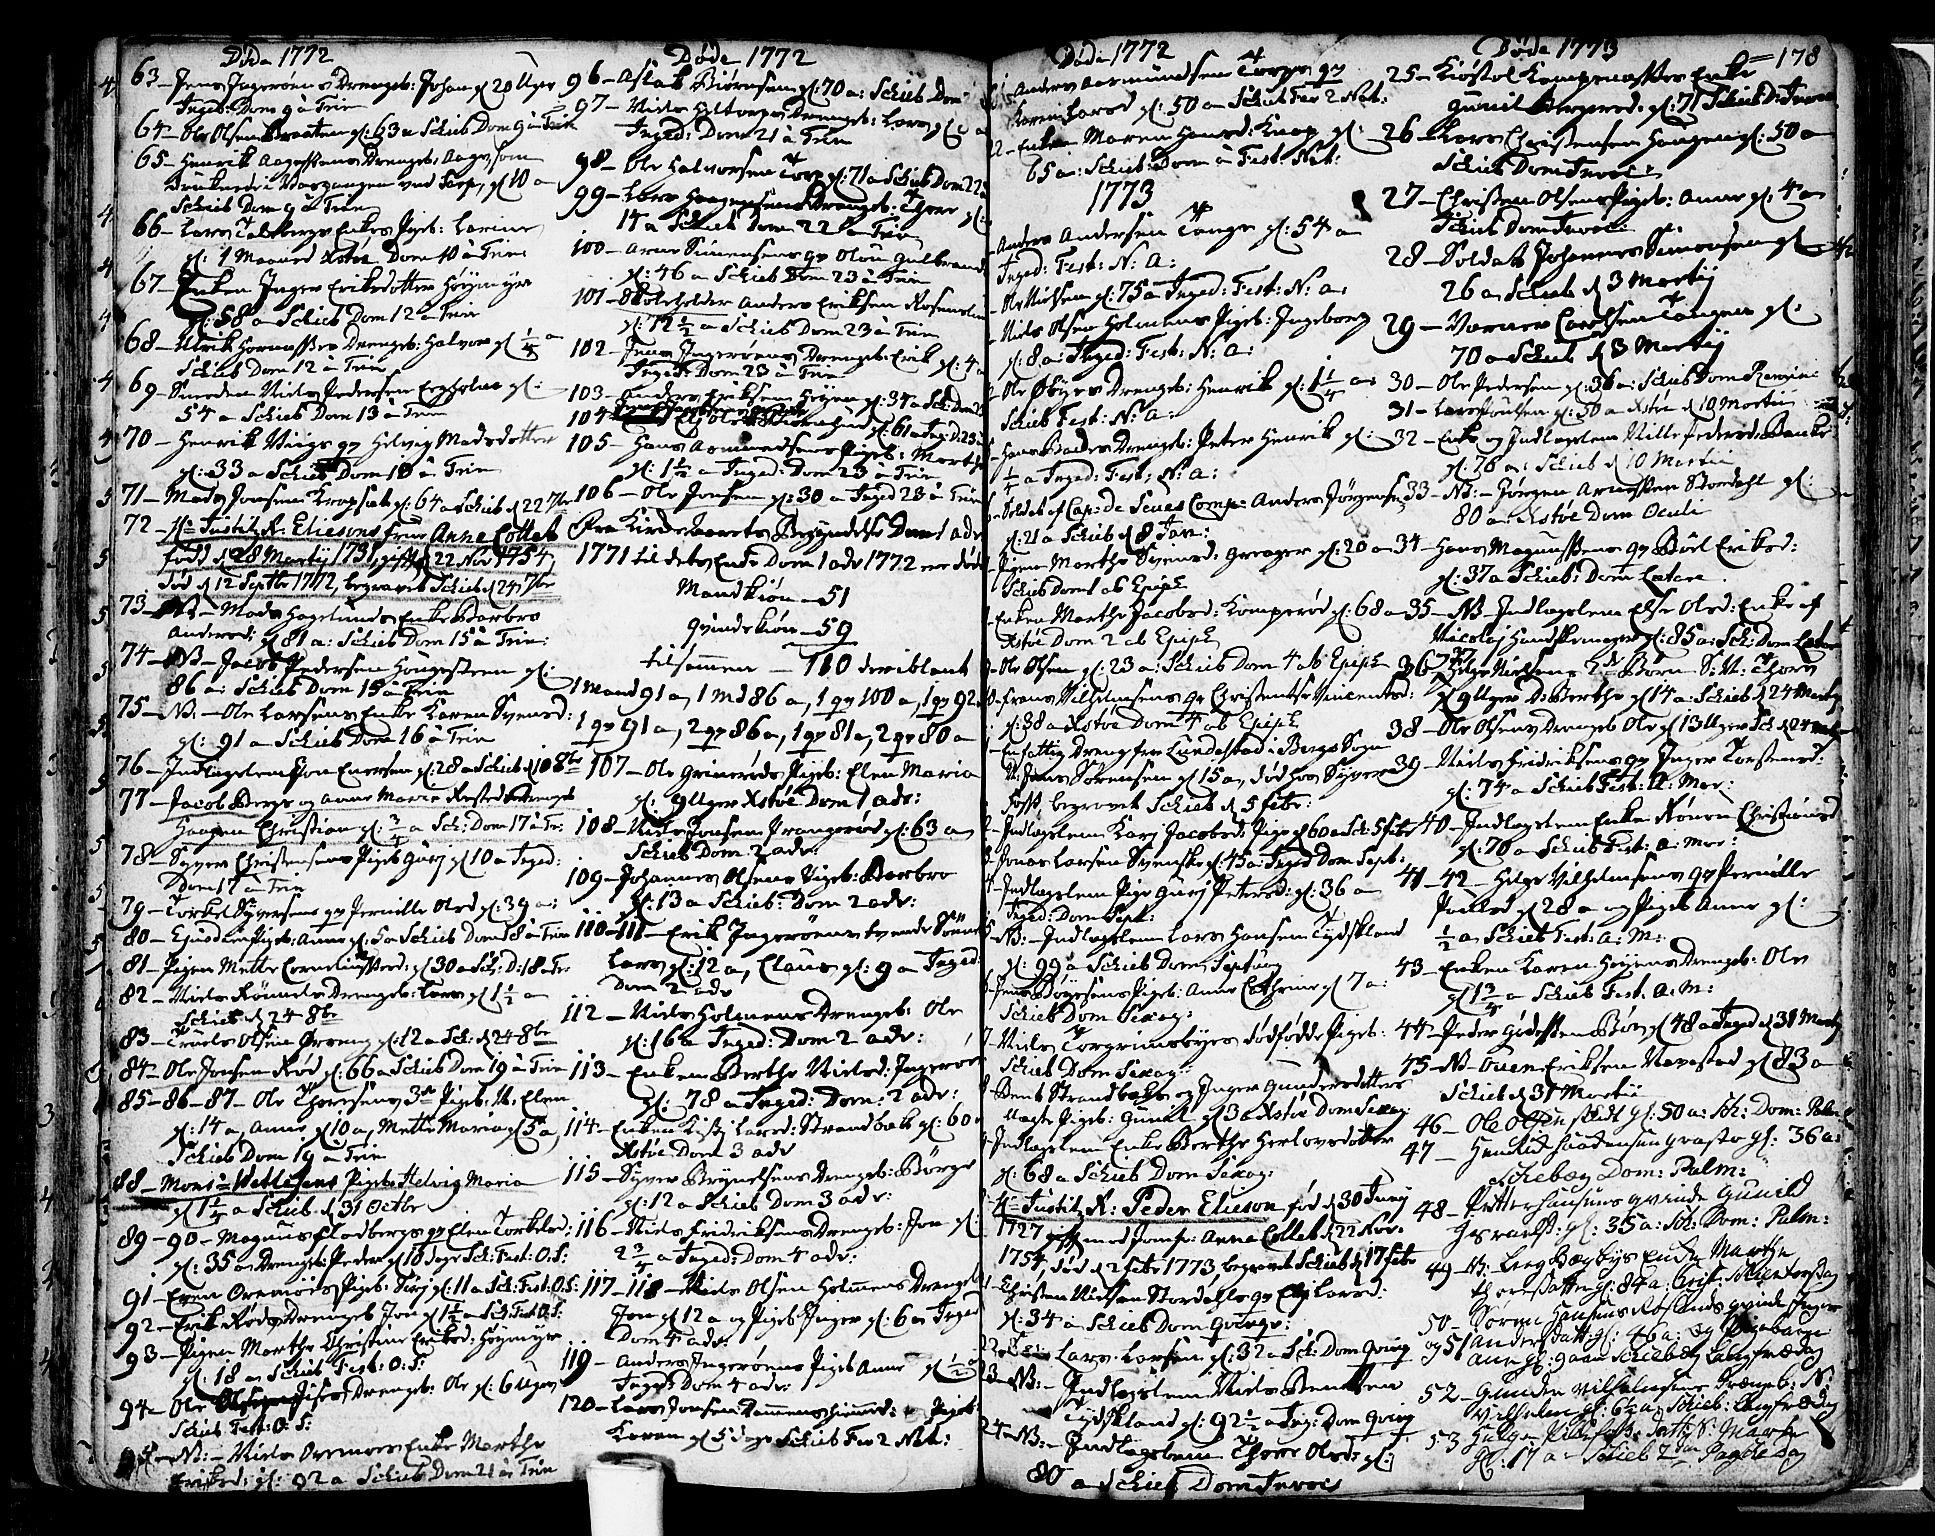 SAO, Skjeberg prestekontor Kirkebøker, F/Fa/L0002: Ministerialbok nr. I 2, 1726-1791, s. 178